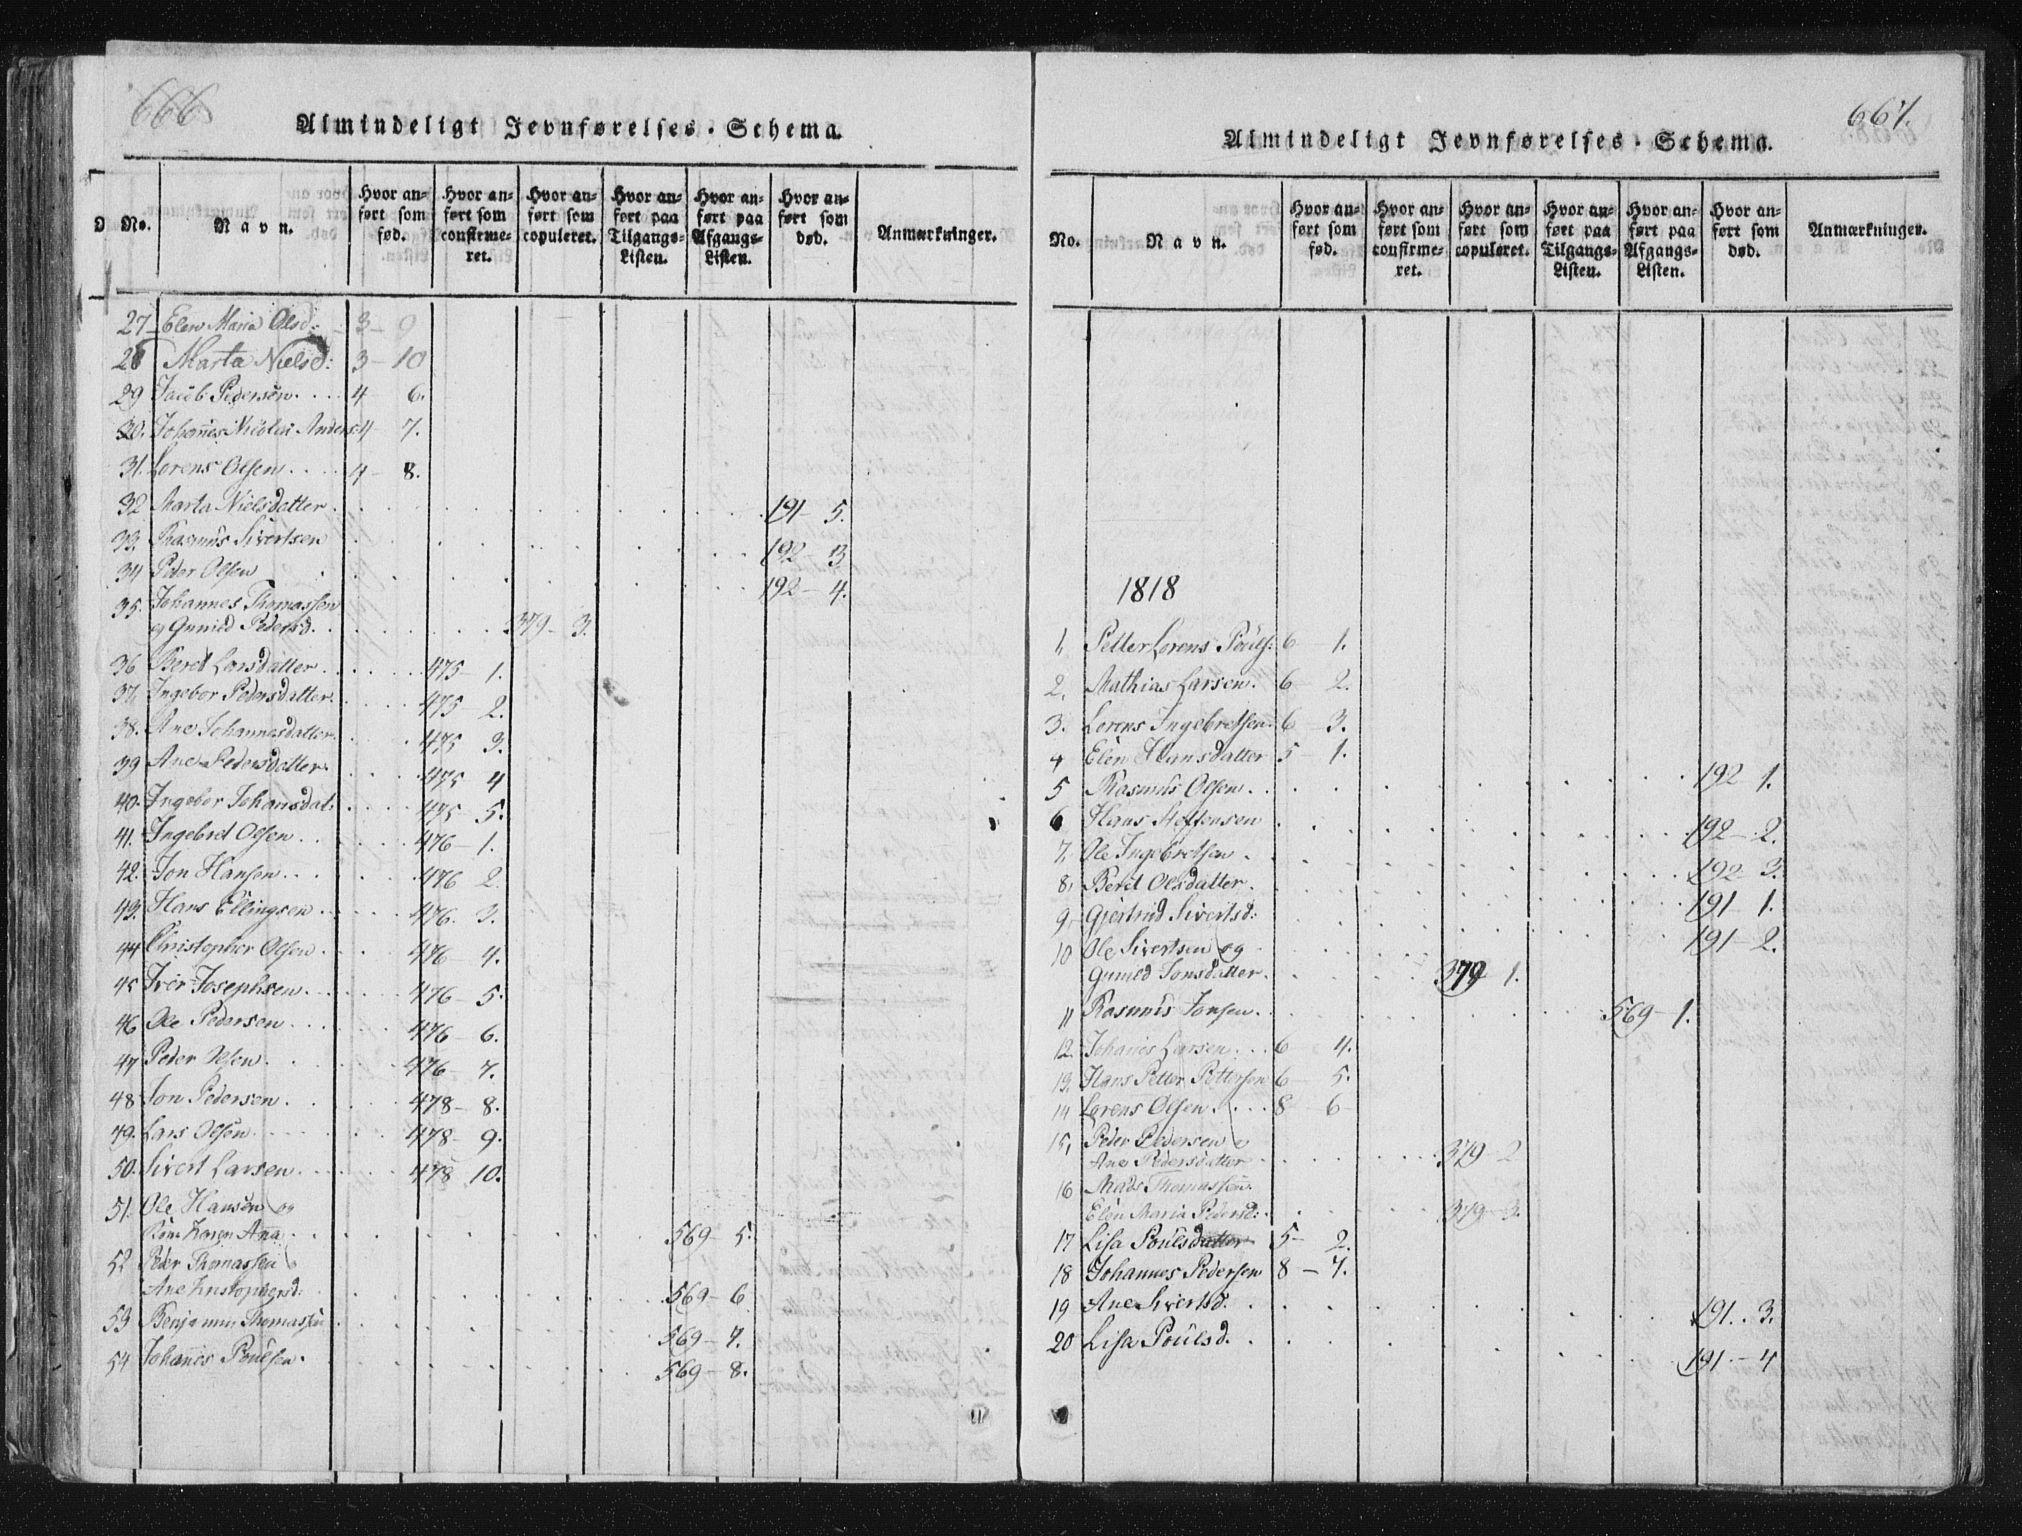 SAT, Ministerialprotokoller, klokkerbøker og fødselsregistre - Nord-Trøndelag, 744/L0417: Ministerialbok nr. 744A01, 1817-1842, s. 666-667